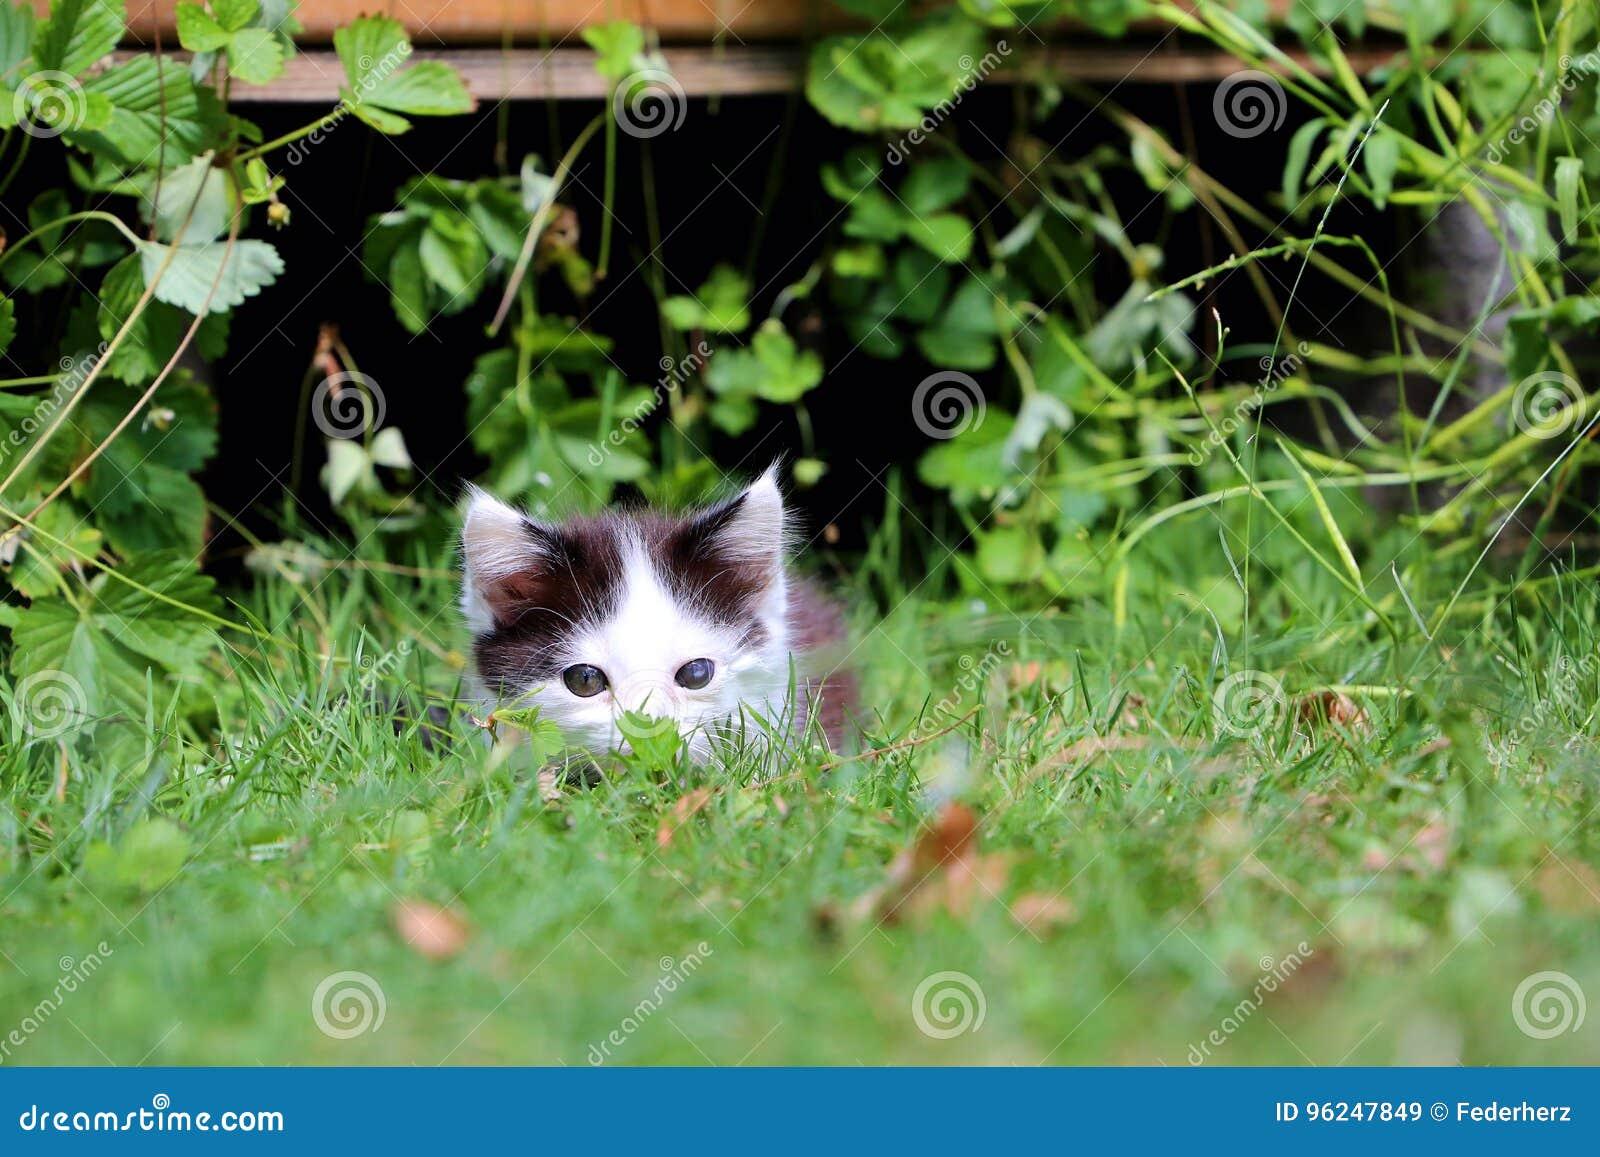 black and white garden kitten stock image image of garden gras